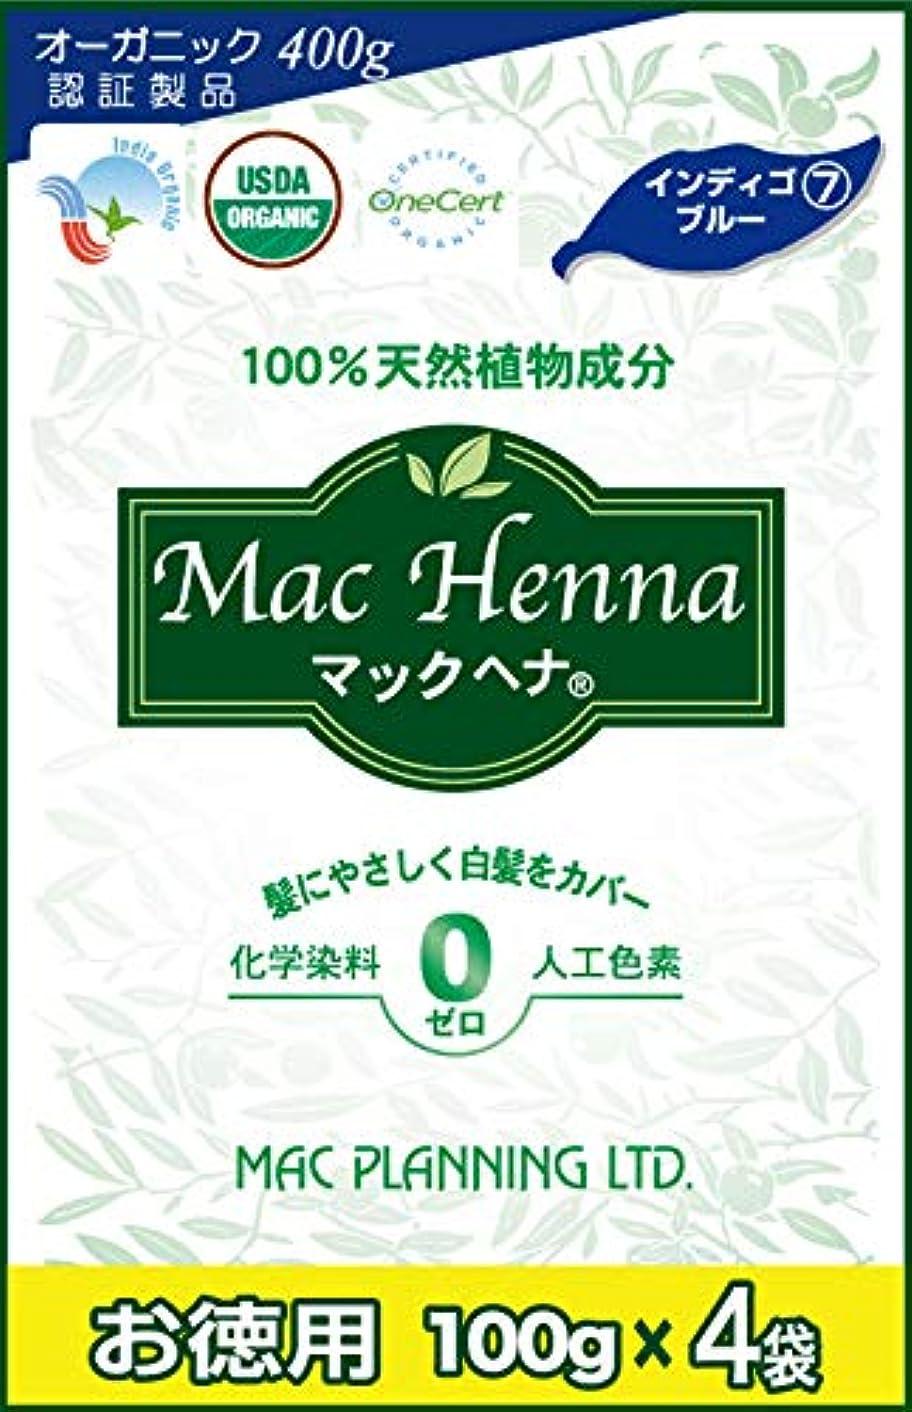 頑固な高齢者医学マックヘナ お徳用 インディゴブルー400g (インディゴ100%) 100%天然